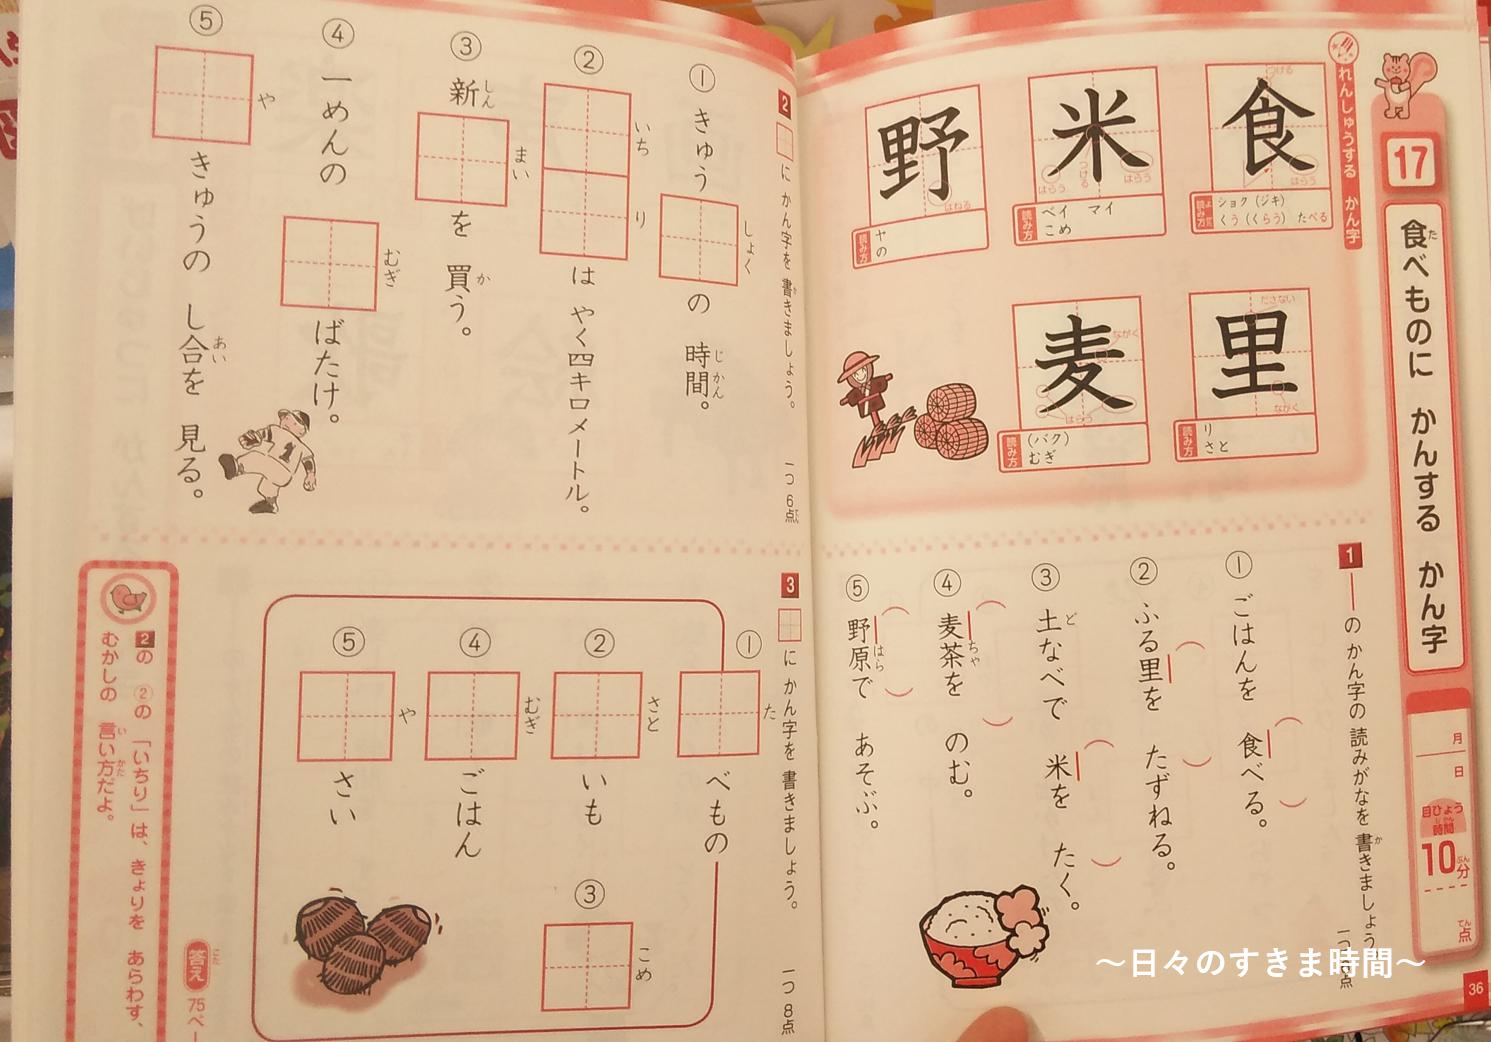 ダイソー漢字ノート